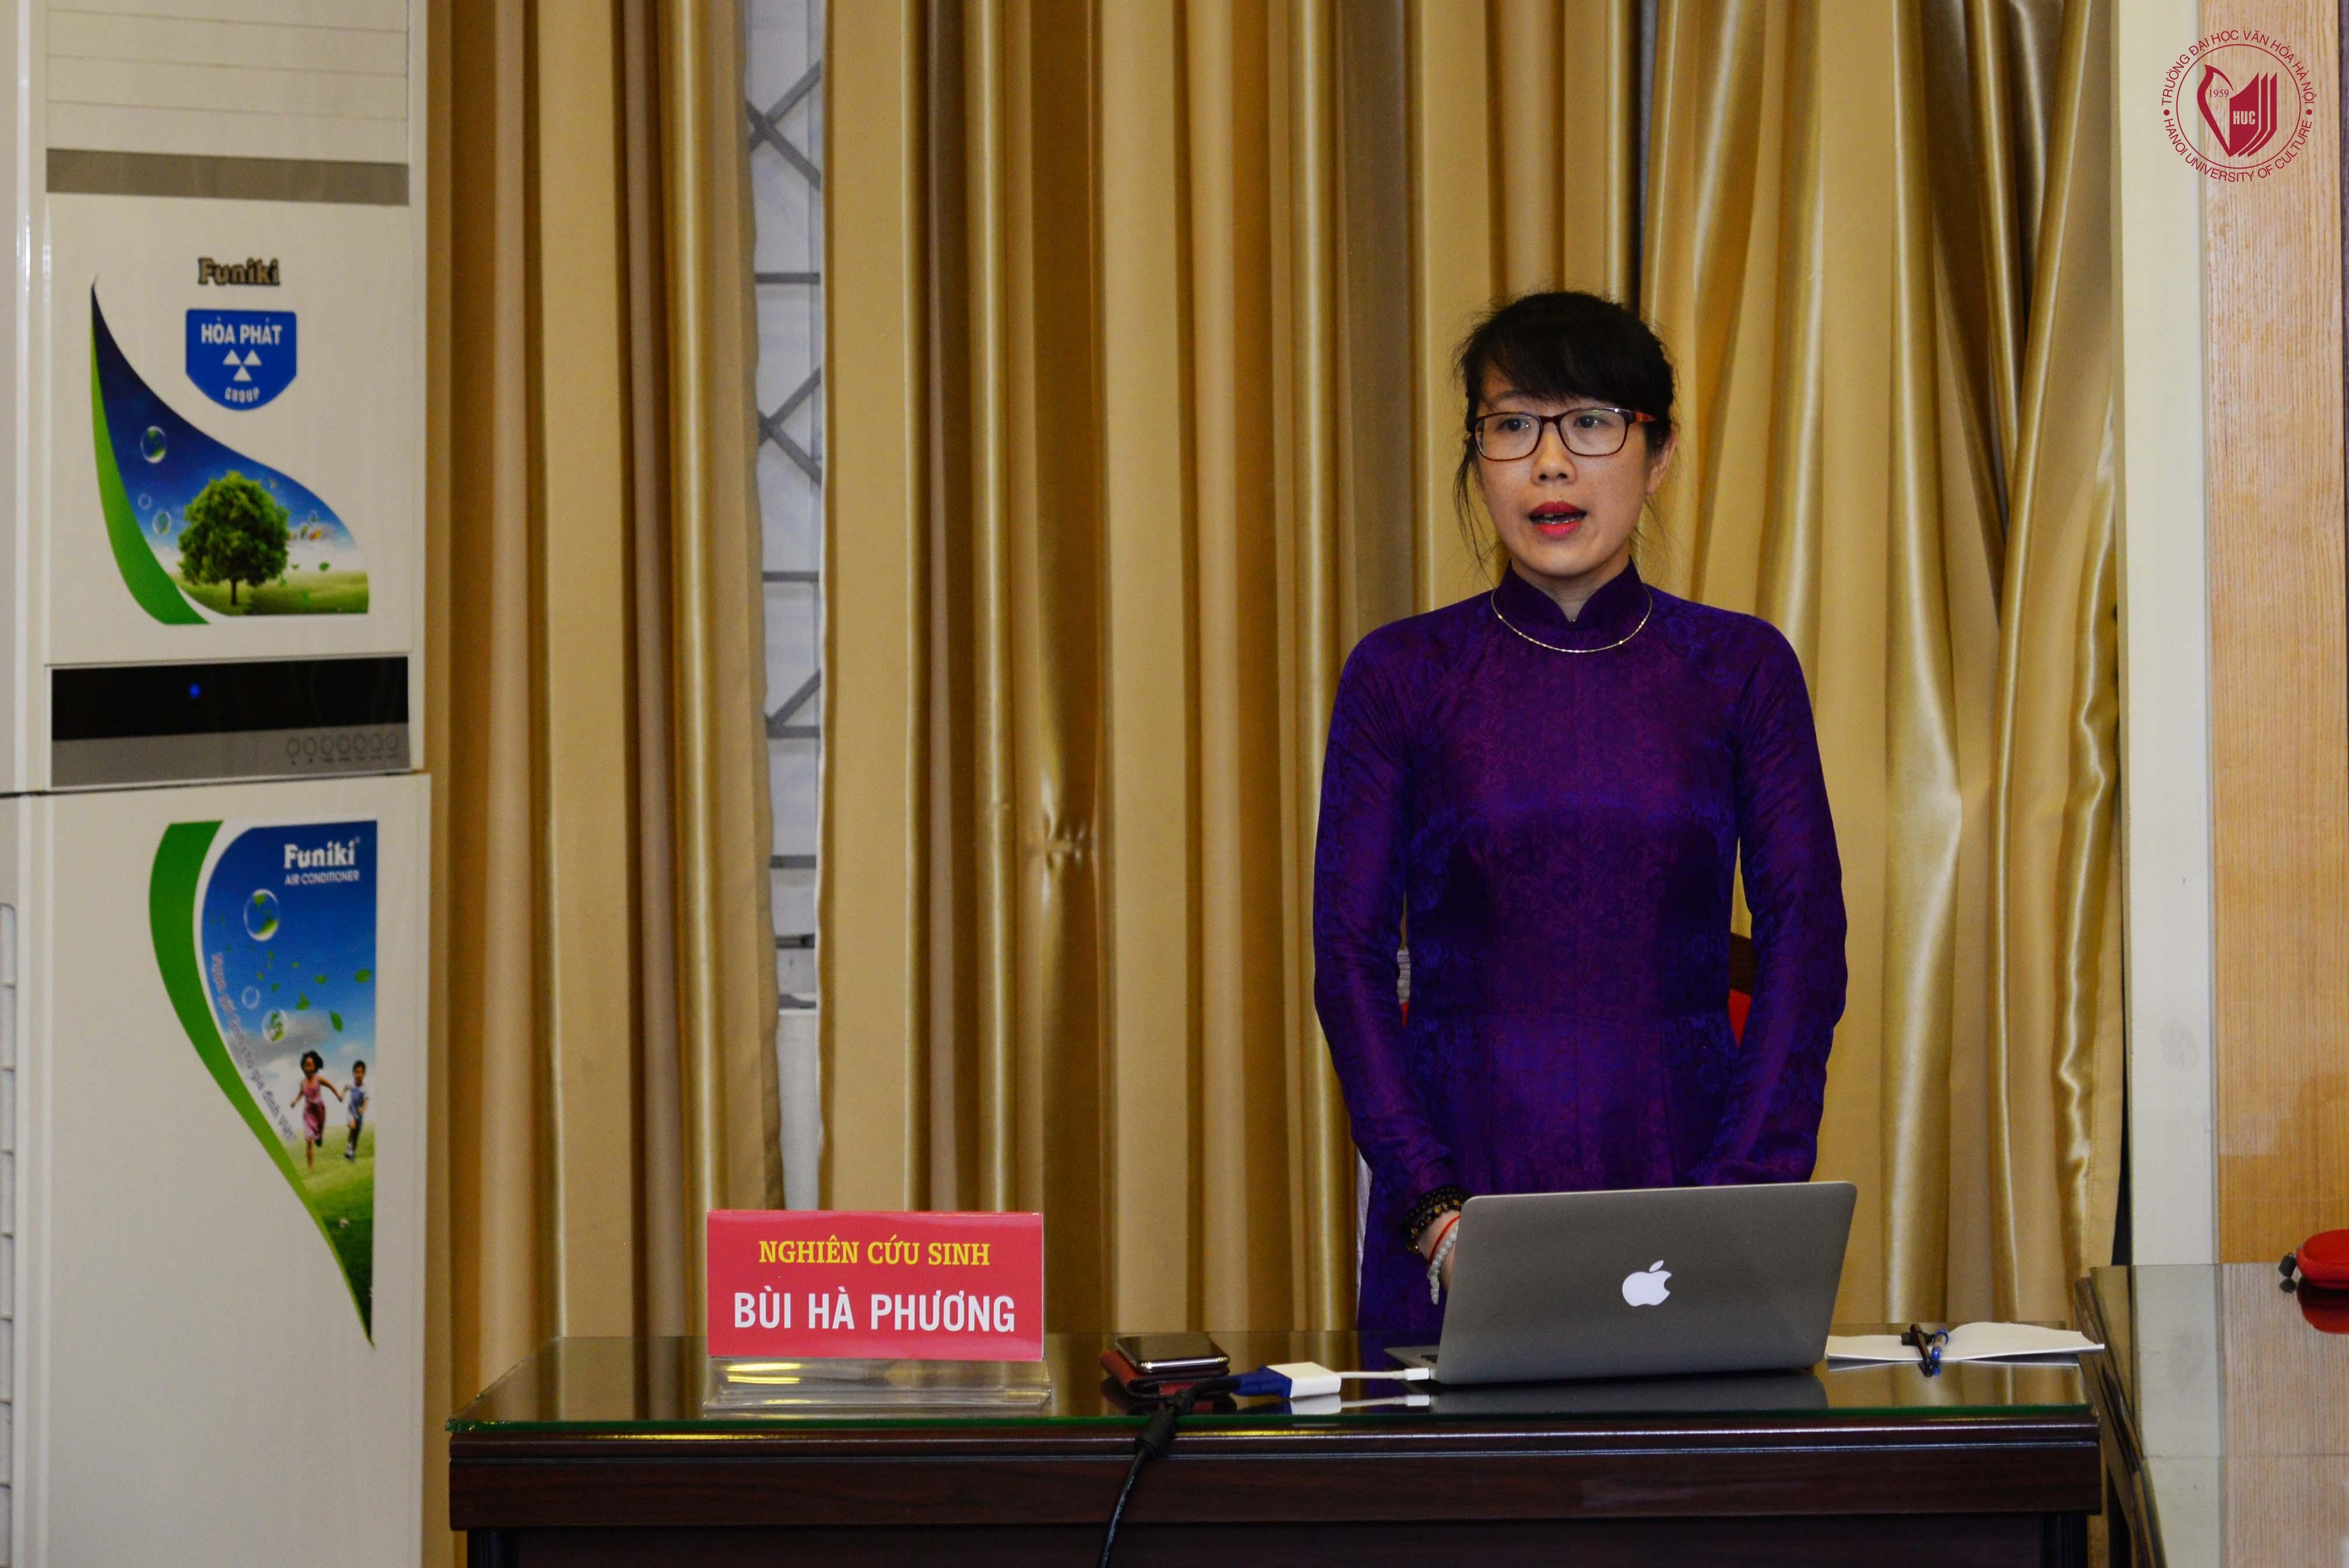 Lễ bảo vệ Luận án Tiến sĩ cấp Trường của NCS Bùi Hà Phương